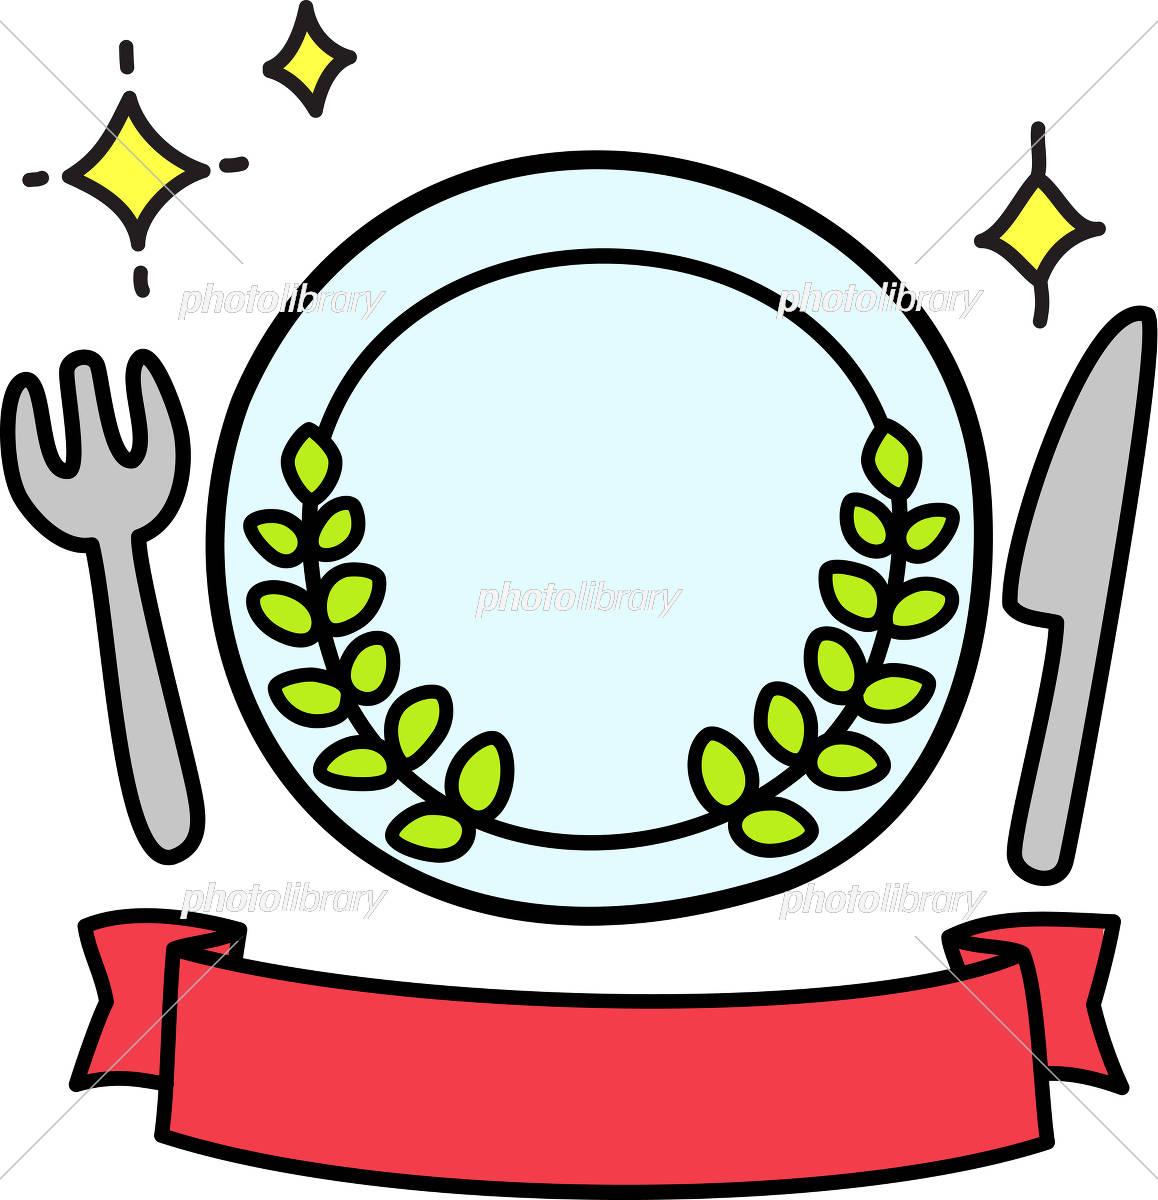 レストラン人気店のイメージ イラスト素材 5532586 フォトライブ